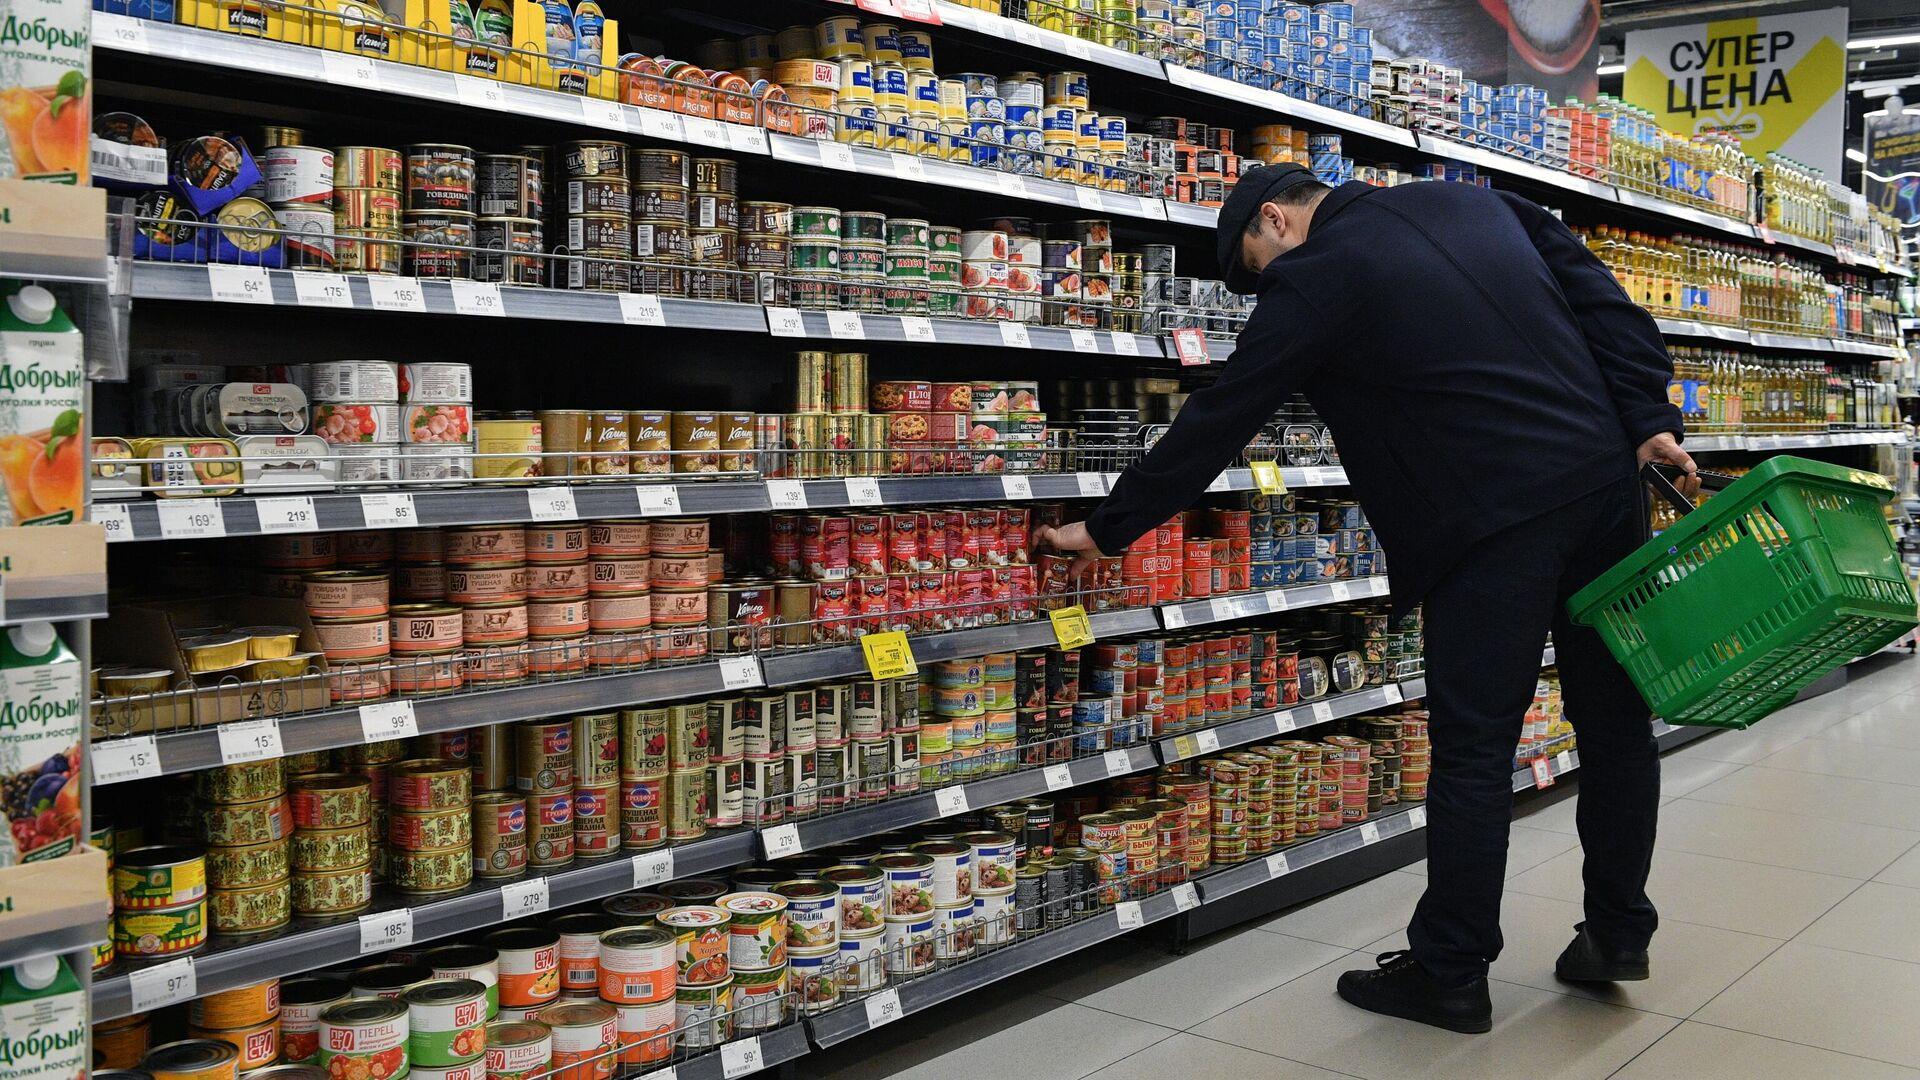 Покупатель выбирает консервы в одном из супермаркетов  - РИА Новости, 1920, 10.12.2020